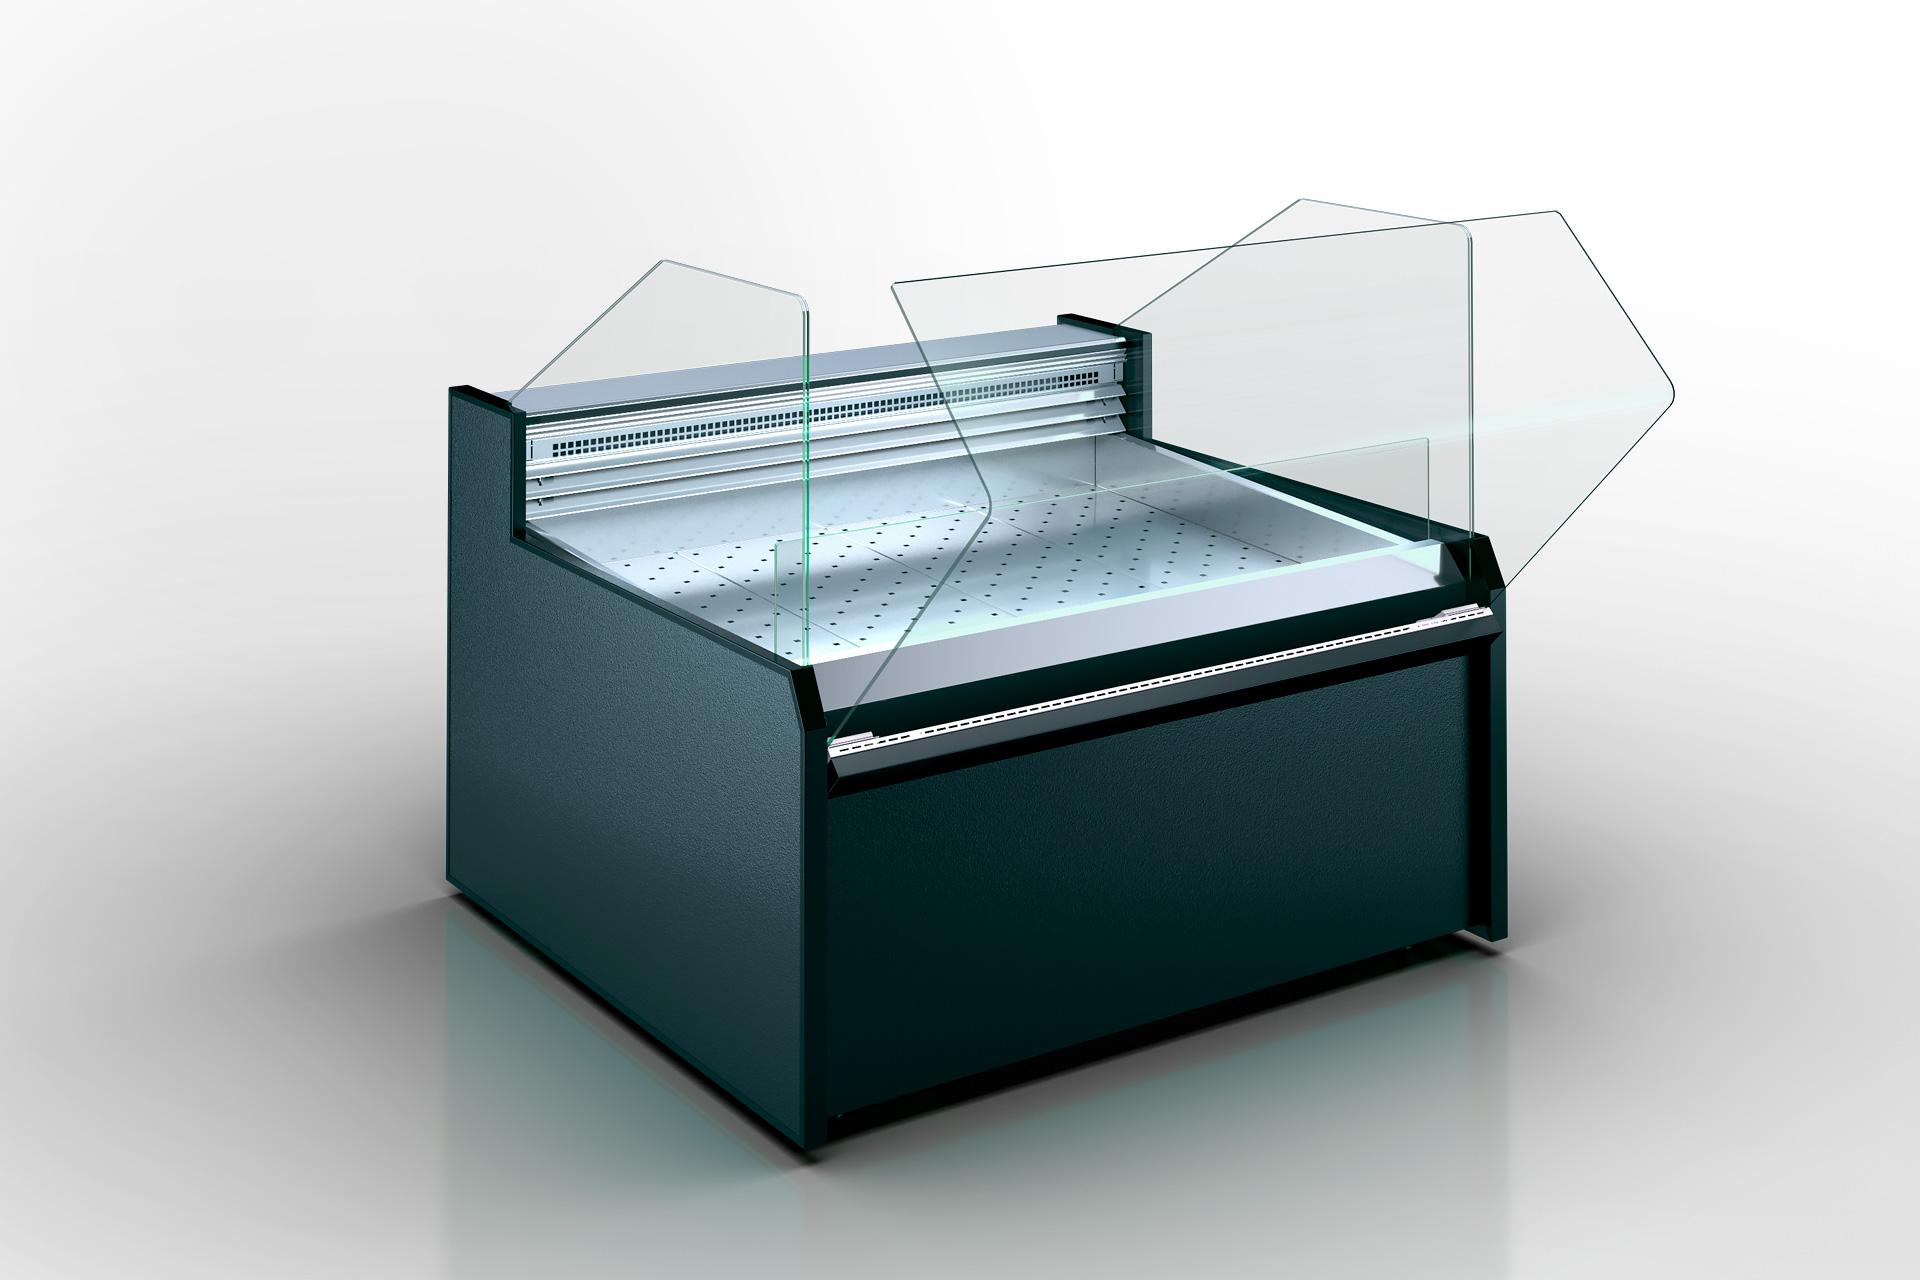 Холодильная витрина Missouri MC 120 fish OS 120-SLM/SLA, Missouri MC 120 fish OS 120-PSLM/PSLA